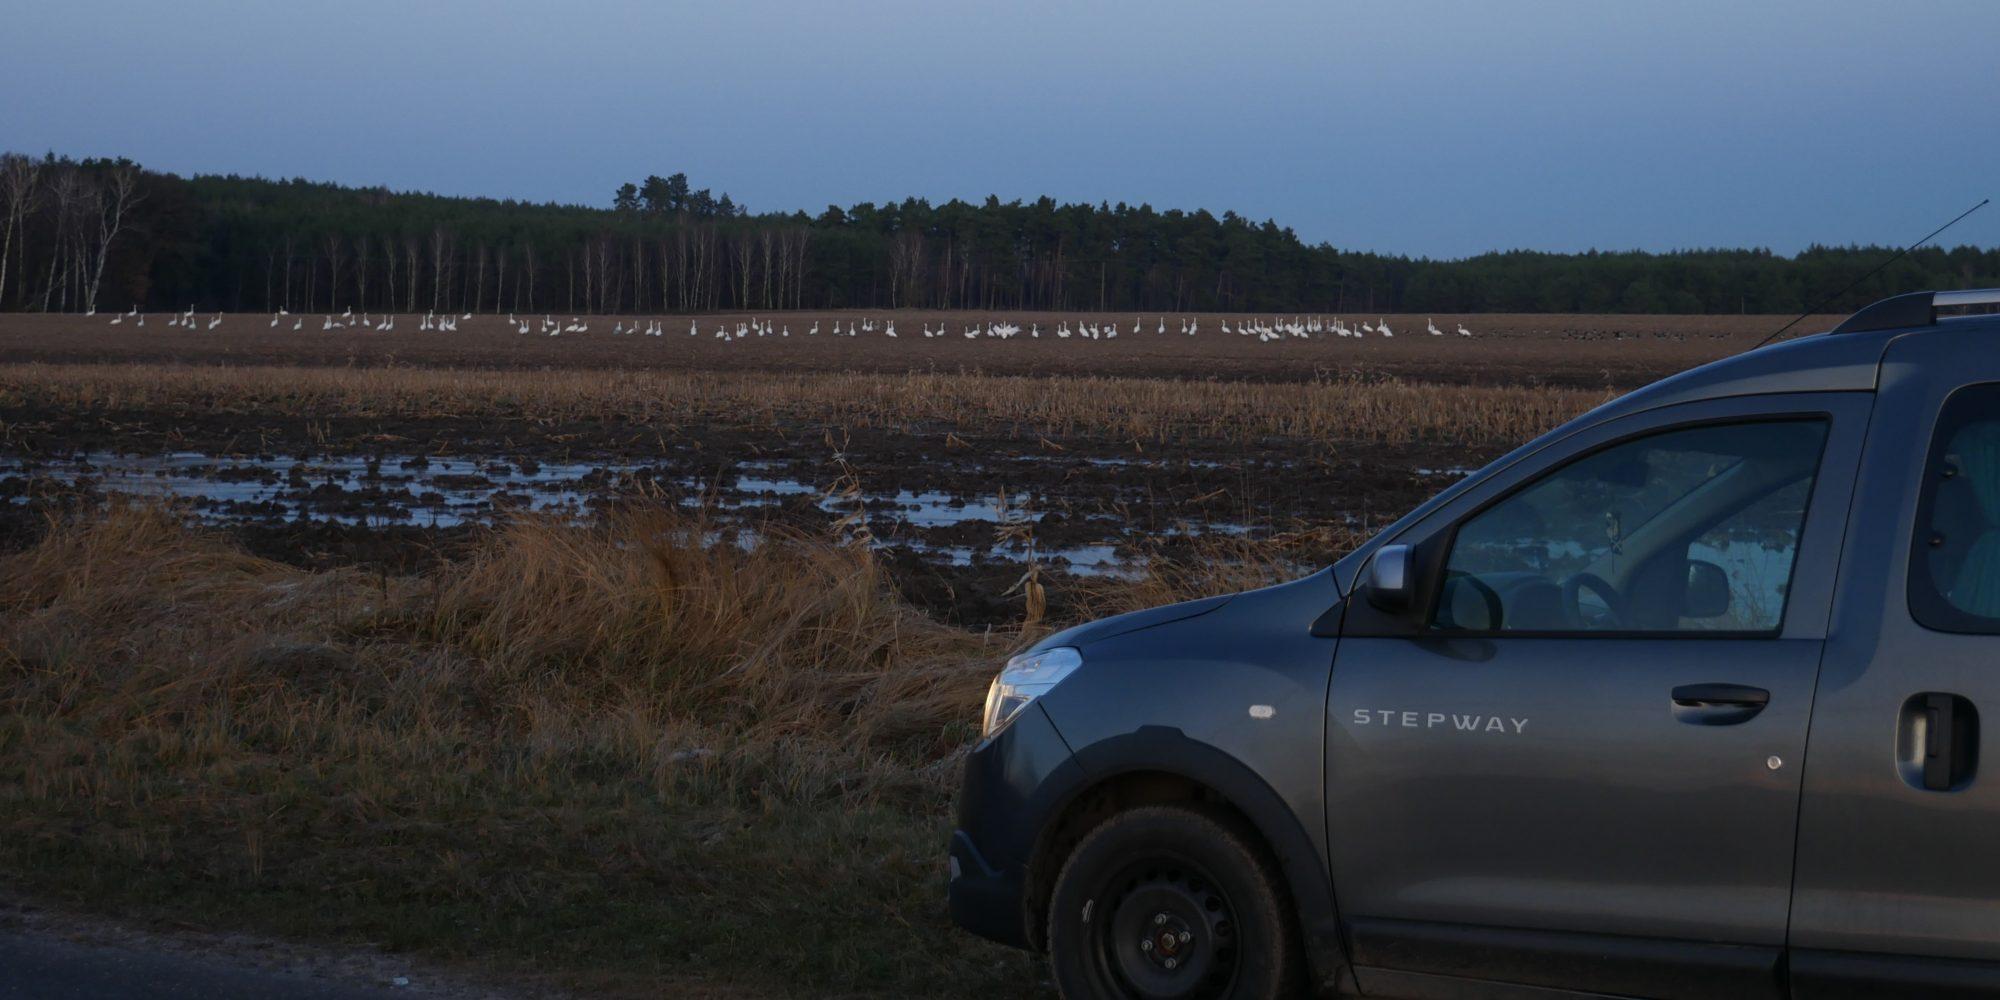 Polnische Grenze Zugvögel Gänse Minicamper by Birgit Strauch Bewusstseinscoaching & Shiatsu